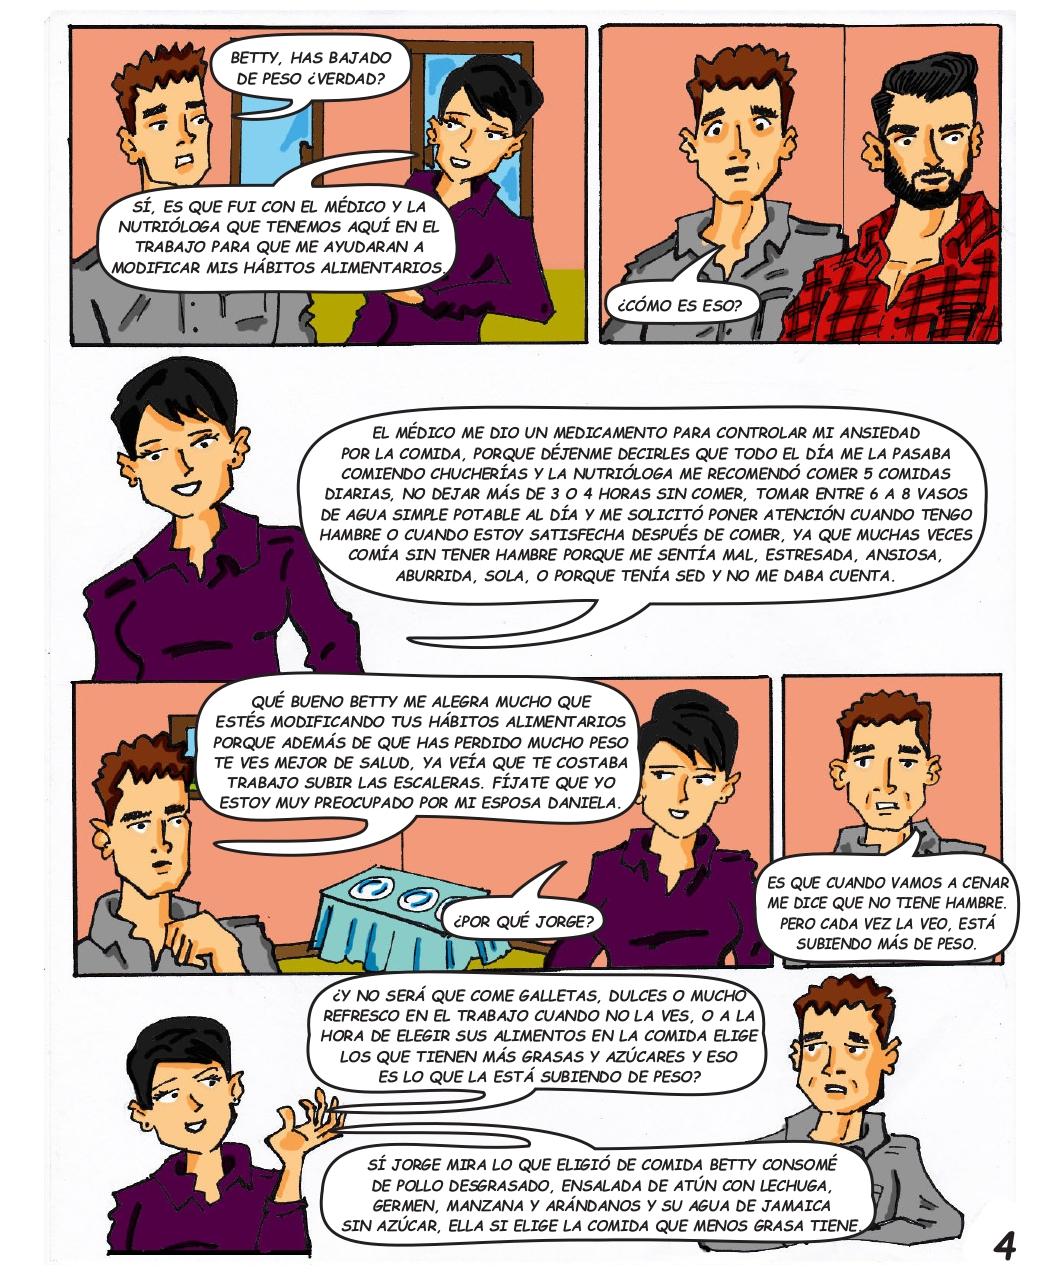 Habitos alimentarios digital_page-0006